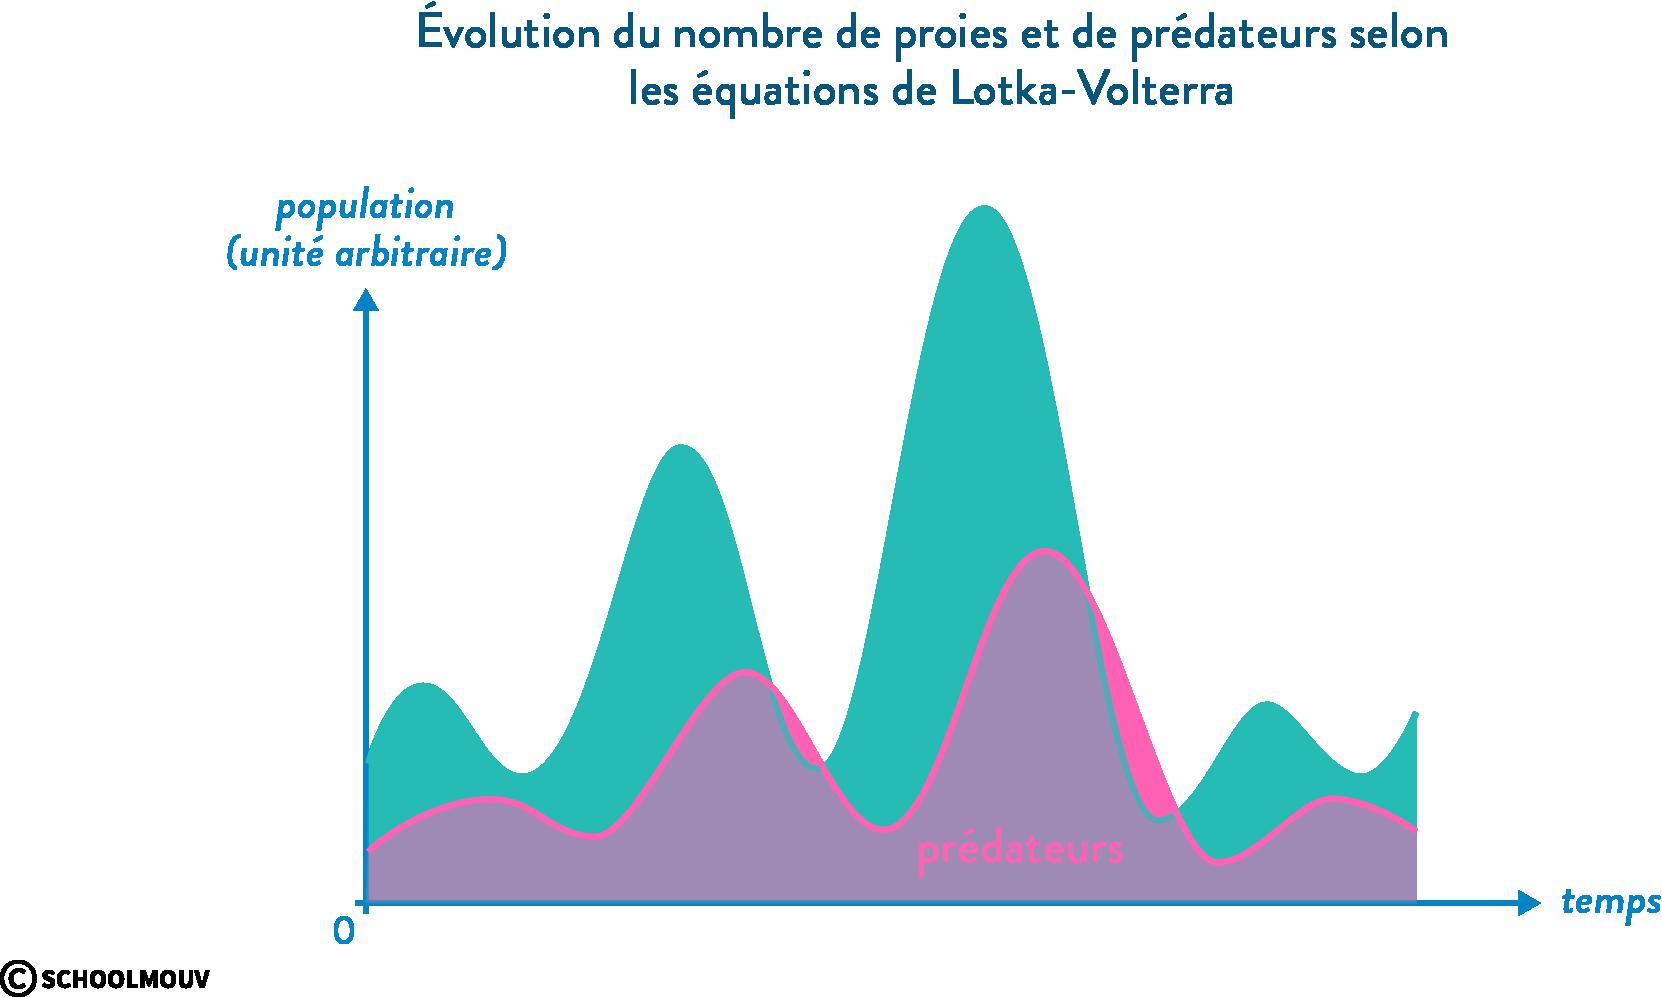 Lotka-Volterra modèle proie prédateur évolution populations